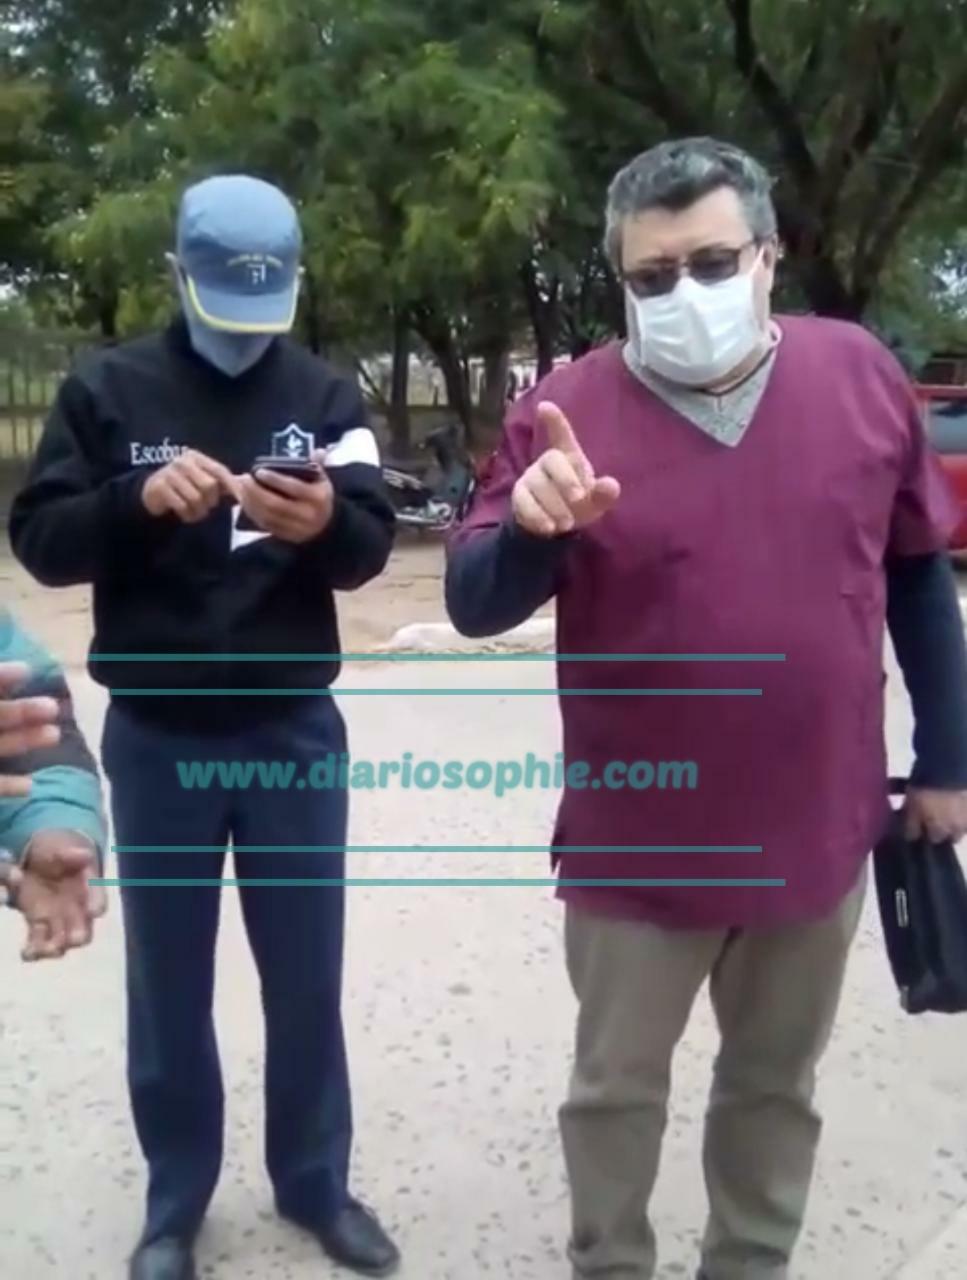 Miraflores: Grupos Originarios y Criollos indignados con el Director del Hospital | ¿Cuál es la reflexión de todo esto?